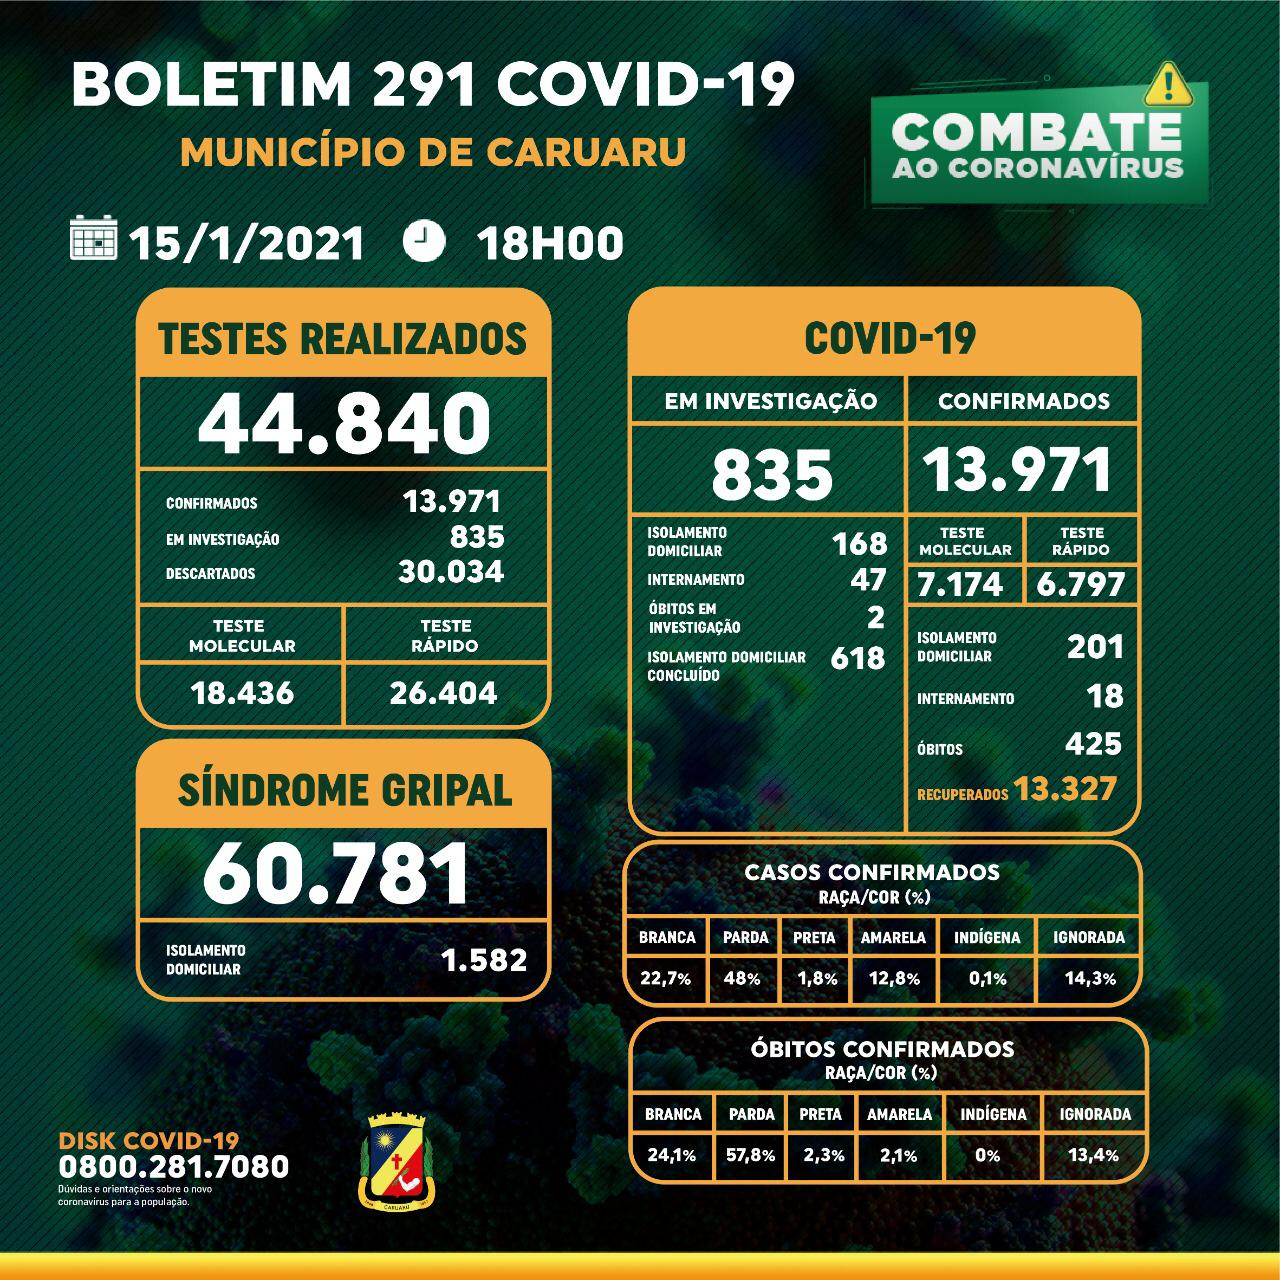 Covid-19: Boletim diário da Secretaria de Saúde – 15.01.21